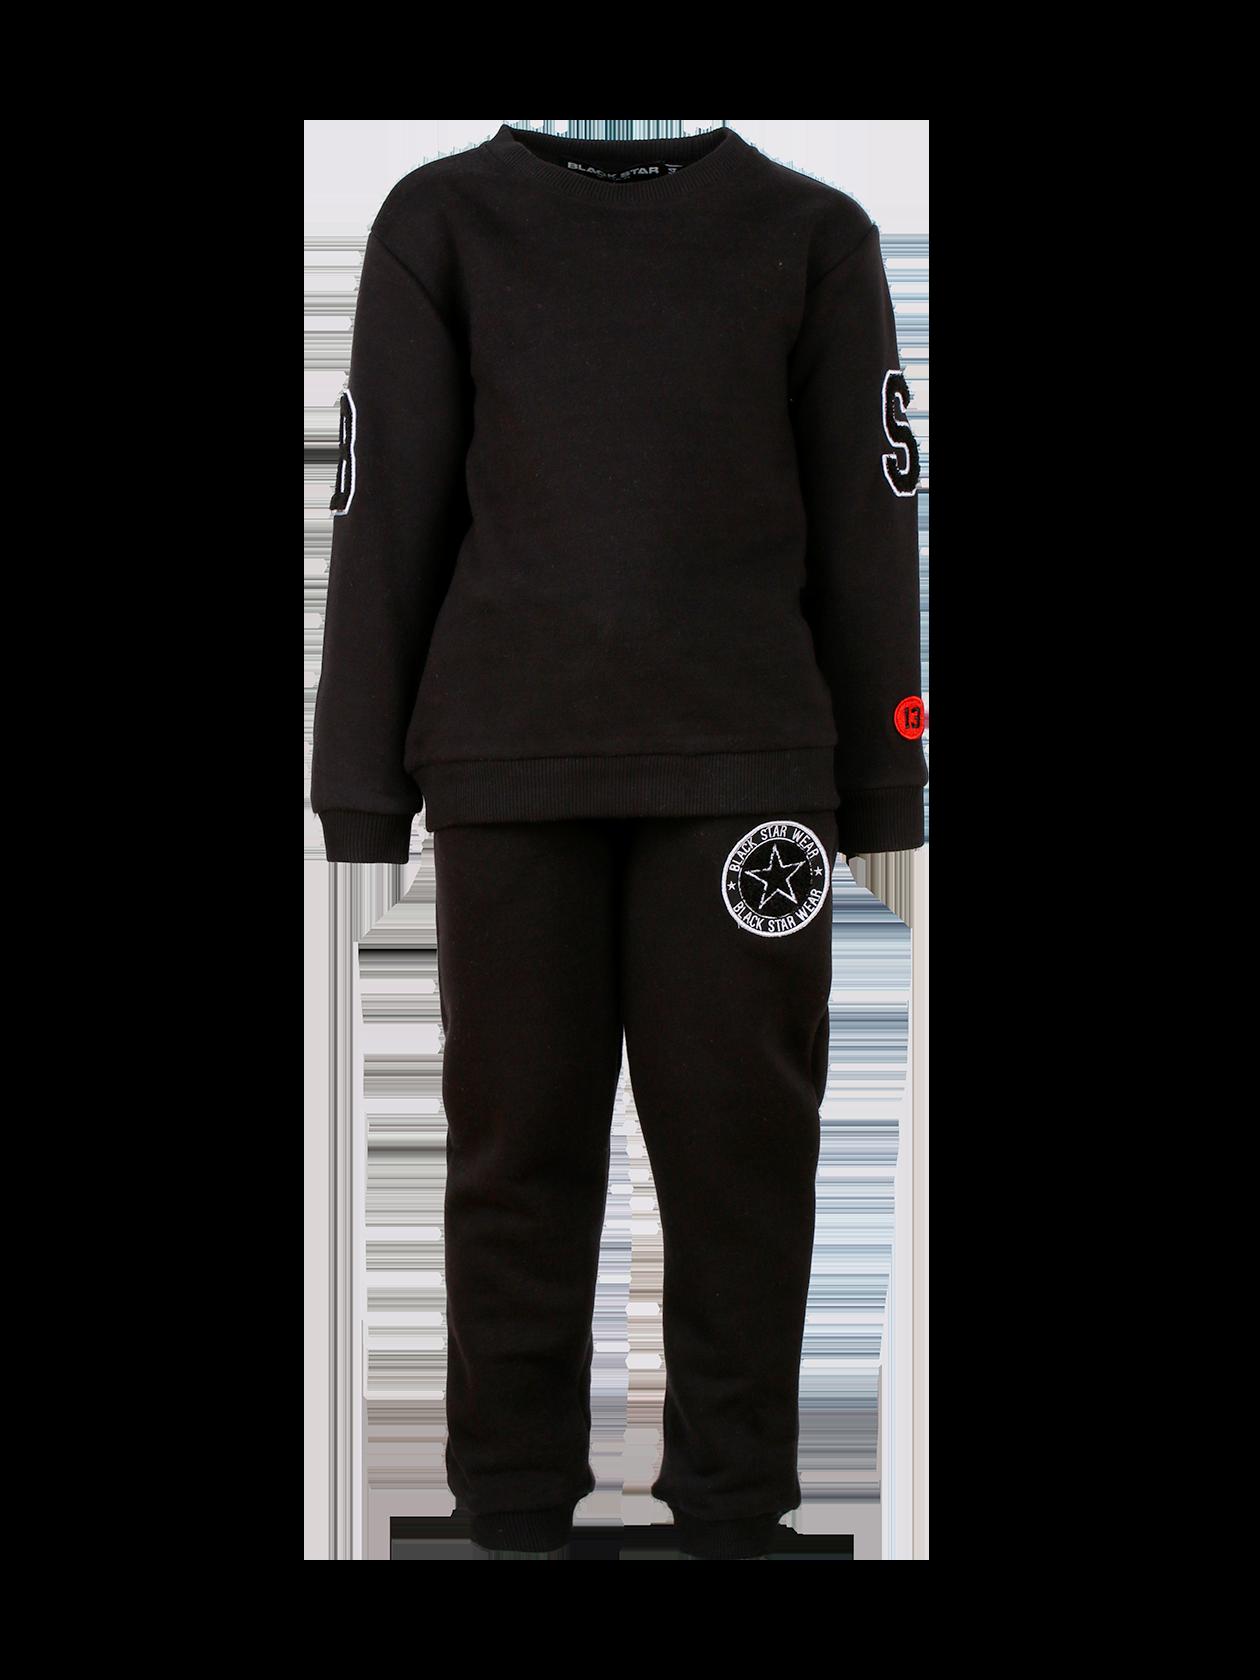 Костюм спортивный детский TAFT KIDSКостюм спортивный детский Taft Kids – практичная и удобная вещь в гардеробе активных детей. Лаконичный дизайн, прямой свободный крой создаст максимальный комфорт в процессе носки. Свитшот удлиненного силуэта с буквенными нашивками BS и цифрой 13 в красном круге на рукавах. Эластичная горловина оптимальной глубины с жаккардовым лейблом внутри. Брюки заужены к низу, обладают небольшим припуском и внутренними боковыми карманами. На левой штанине круглая нашивка с символикой и надписями Black Star Wear. Комплект представлен в базовом черном цвете, сшит из мягкого и износостойкого футера.<br><br>Размер: 5-6 years<br>Цвет: Черный<br>Пол: Унисекс